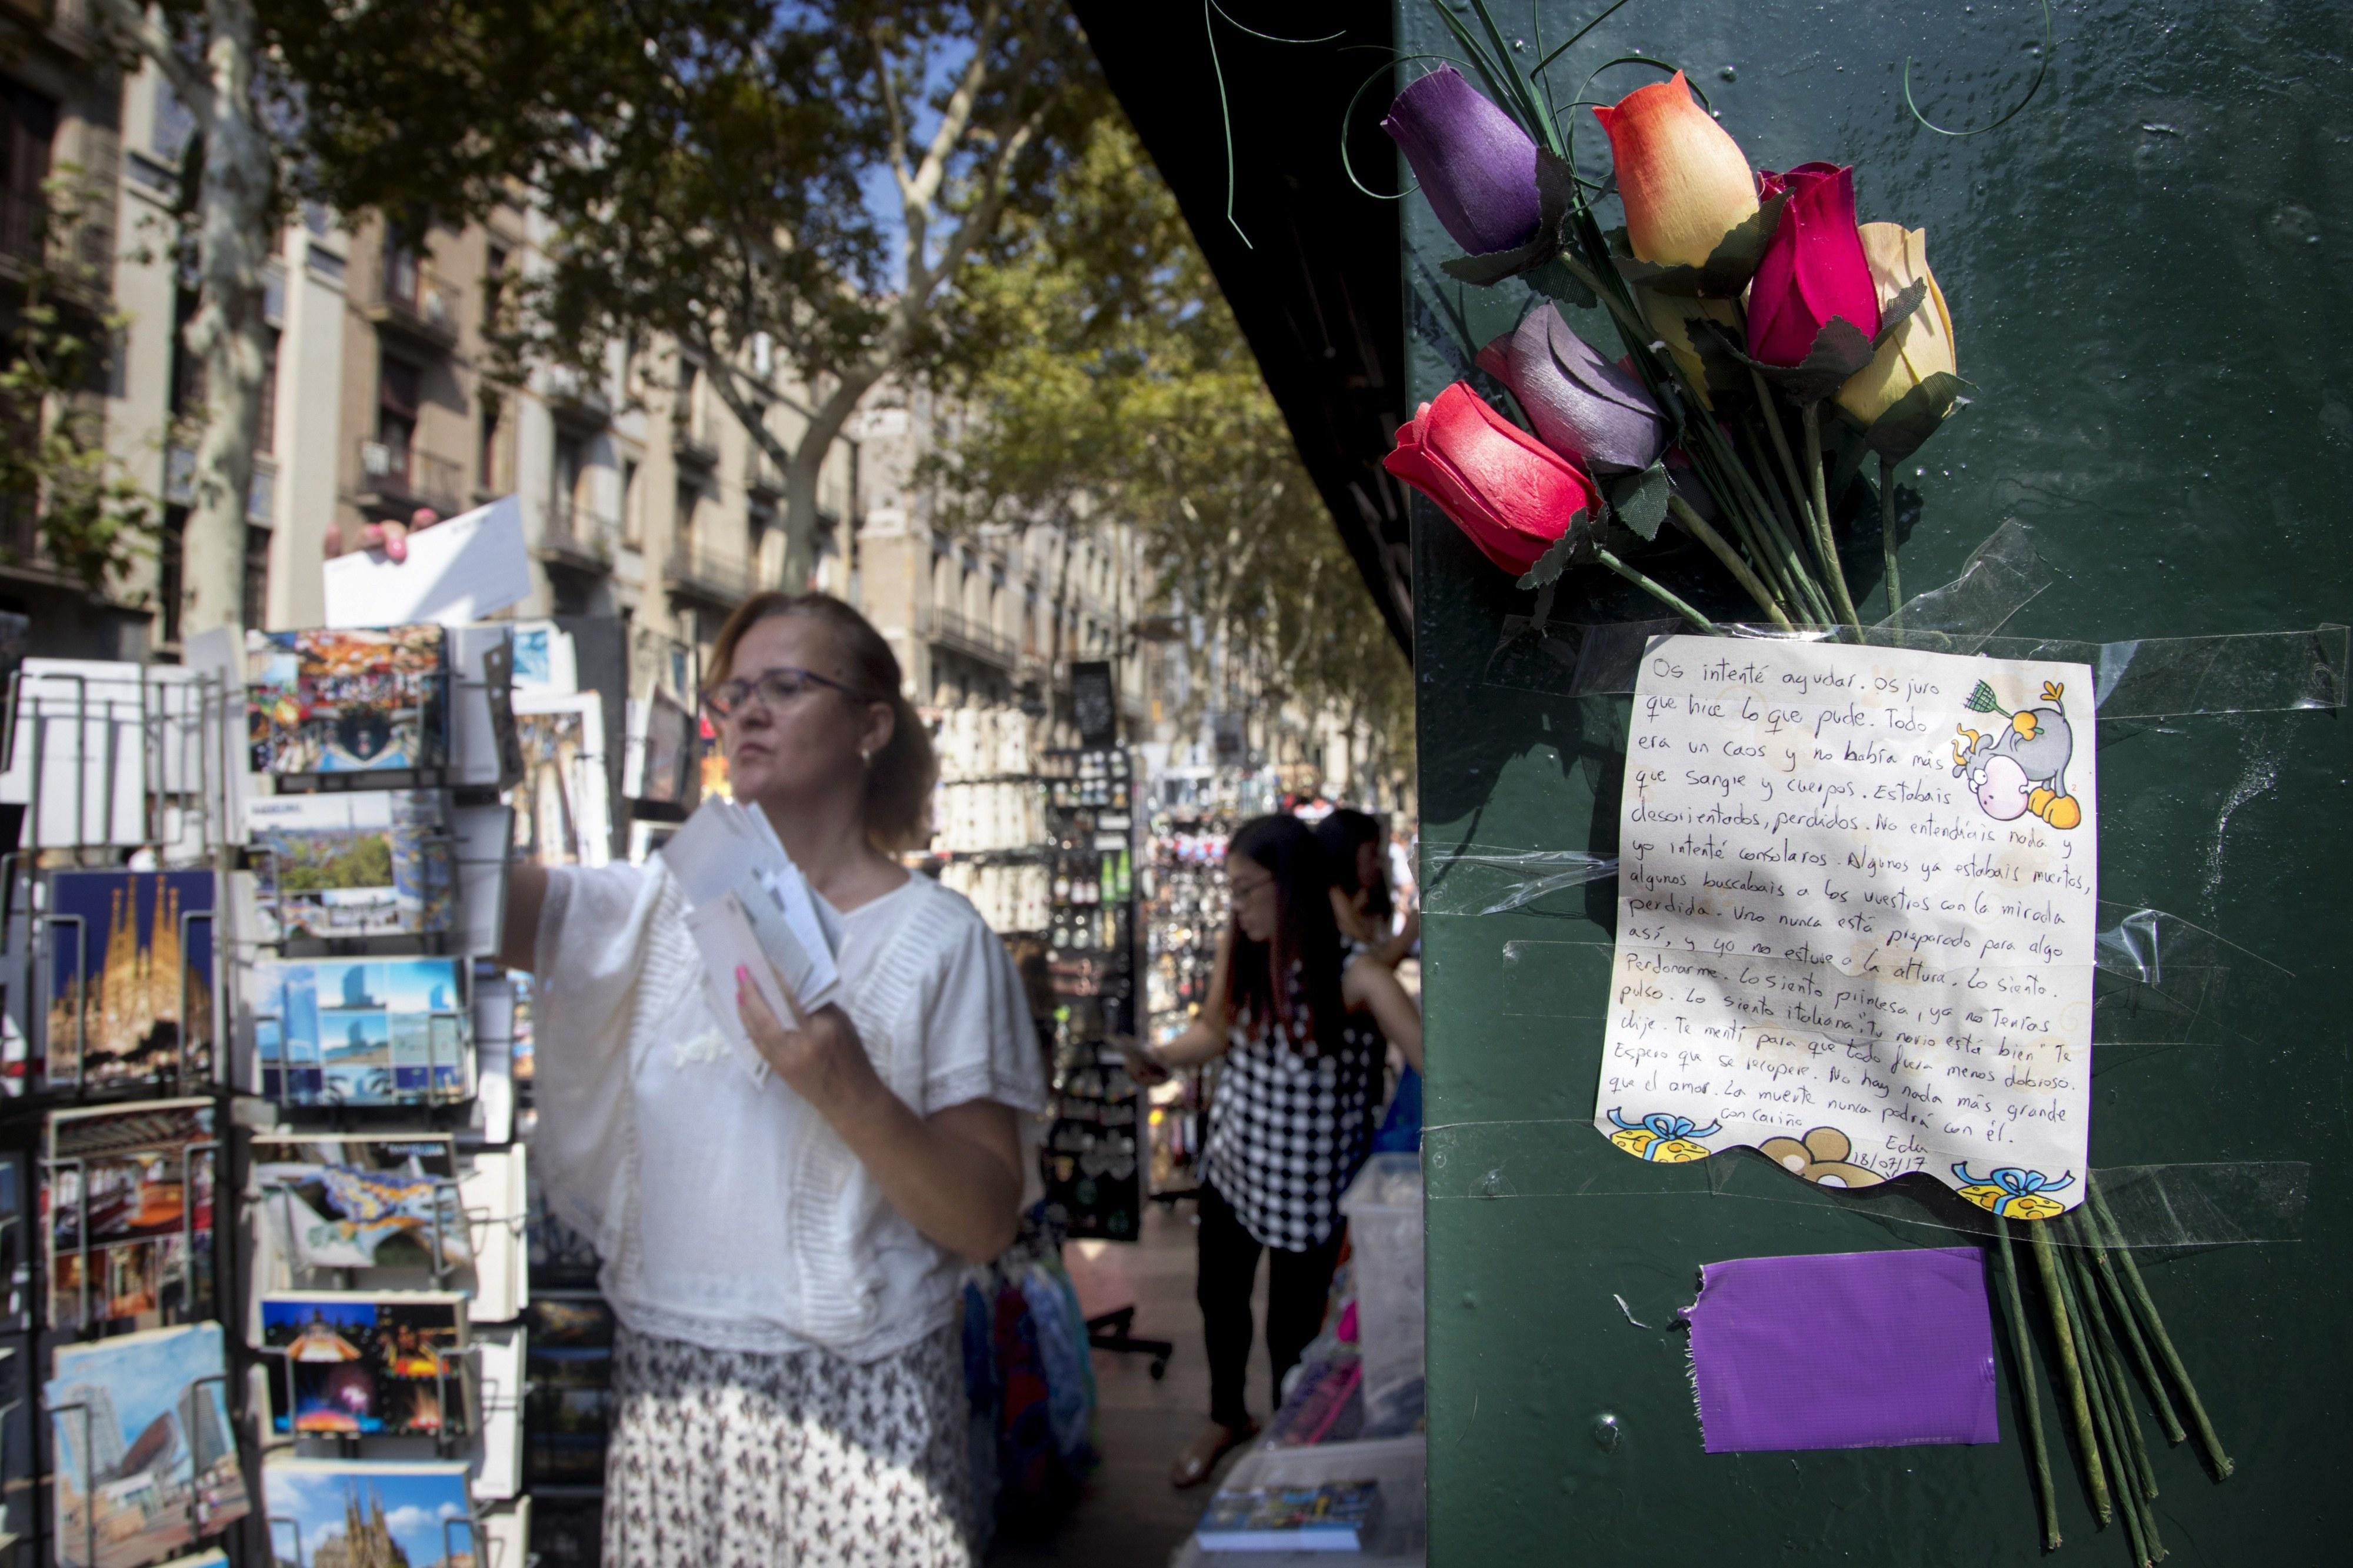 Incidente desta manhã no centro de Barcelona foi falso alarme - polícia